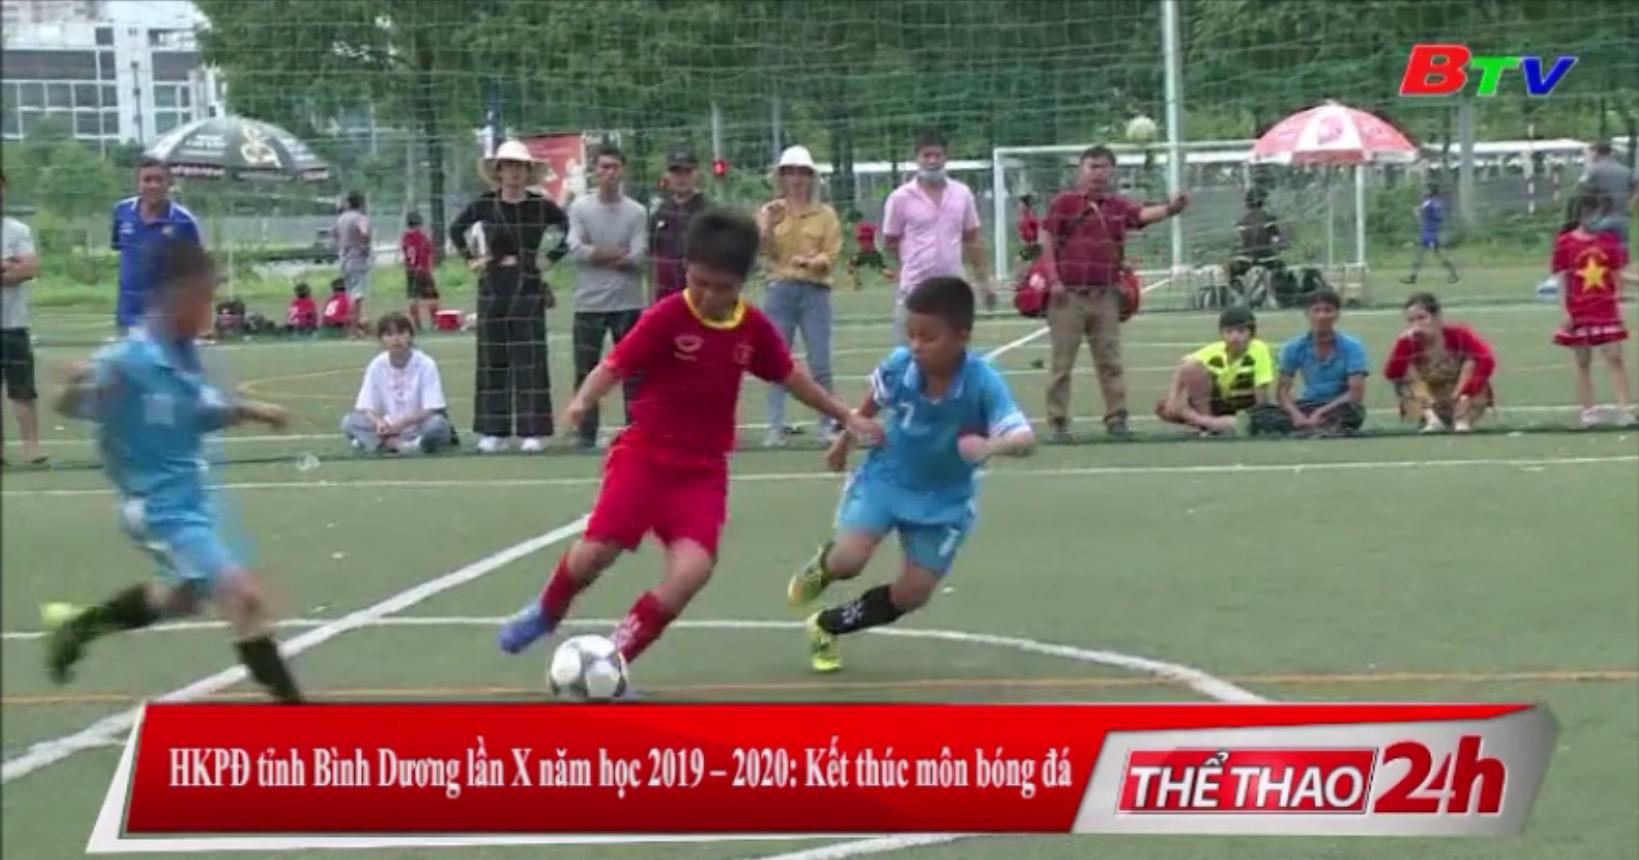 HKPĐ tỉnh Bình Dương lần X năm học 2019-2020 – Kết thúc môn bóng đá